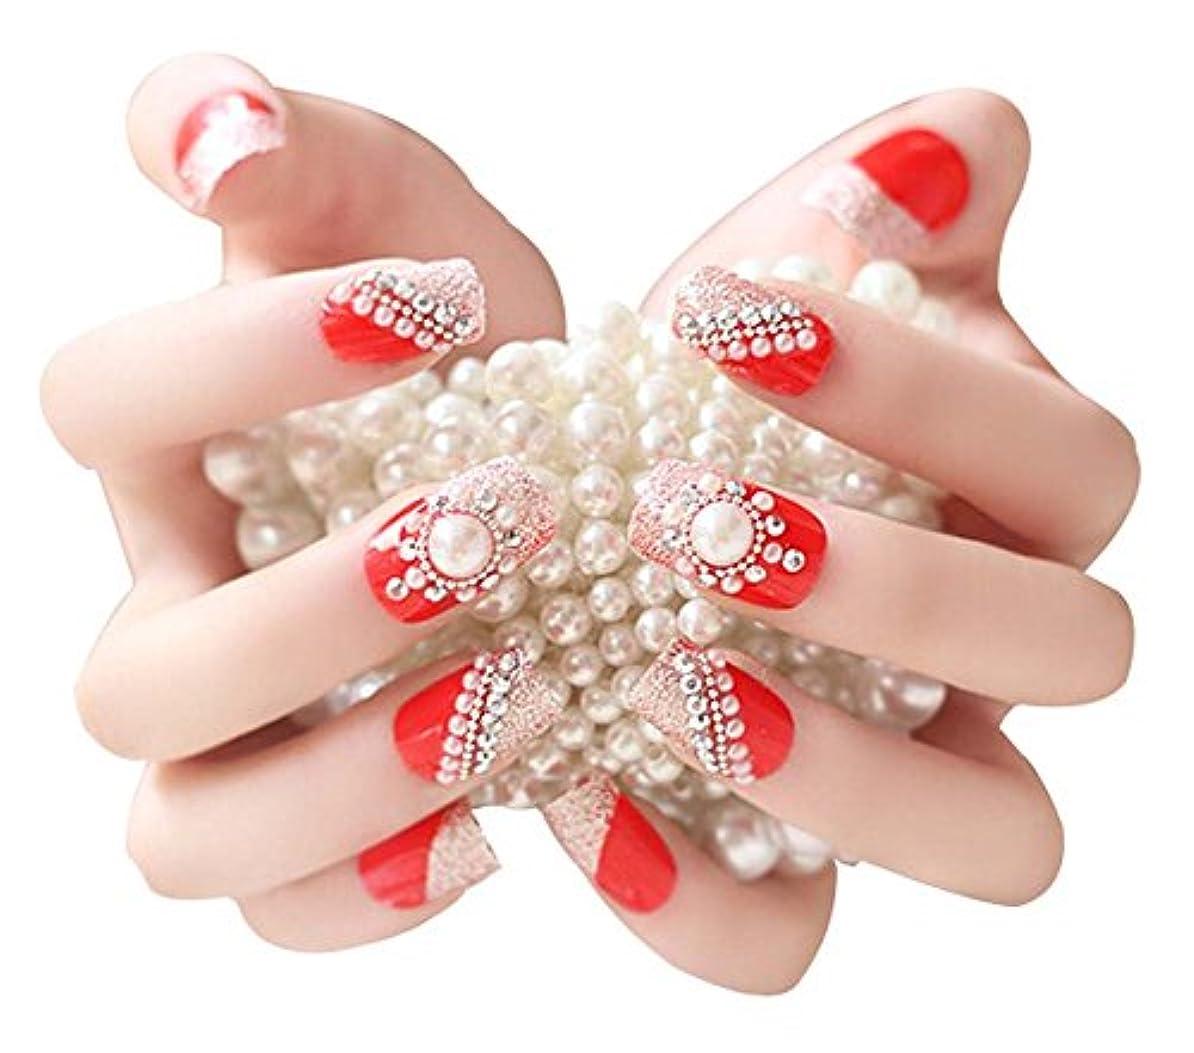 焦がすサーバ崖人工真珠ラインストーンつけ爪結婚式のメイクアップネイルアート、赤、2パック - 48枚